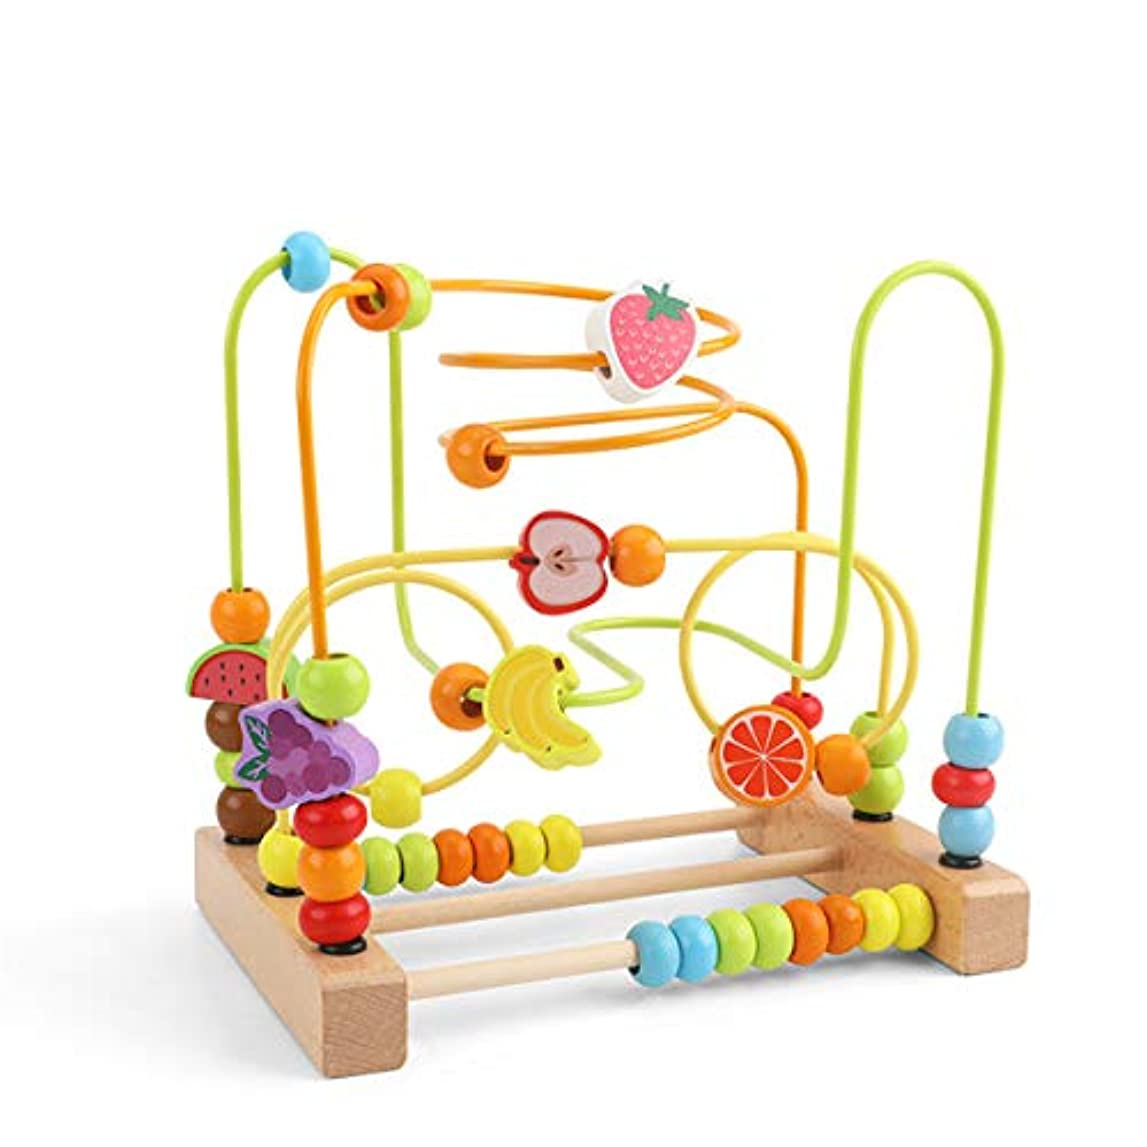 温室下に立派なfivekim 子供の学習おもちゃ、幼児のためのビーズの迷路おもちゃ木製のカラフルなジェットコースター教育サークルおもちゃA